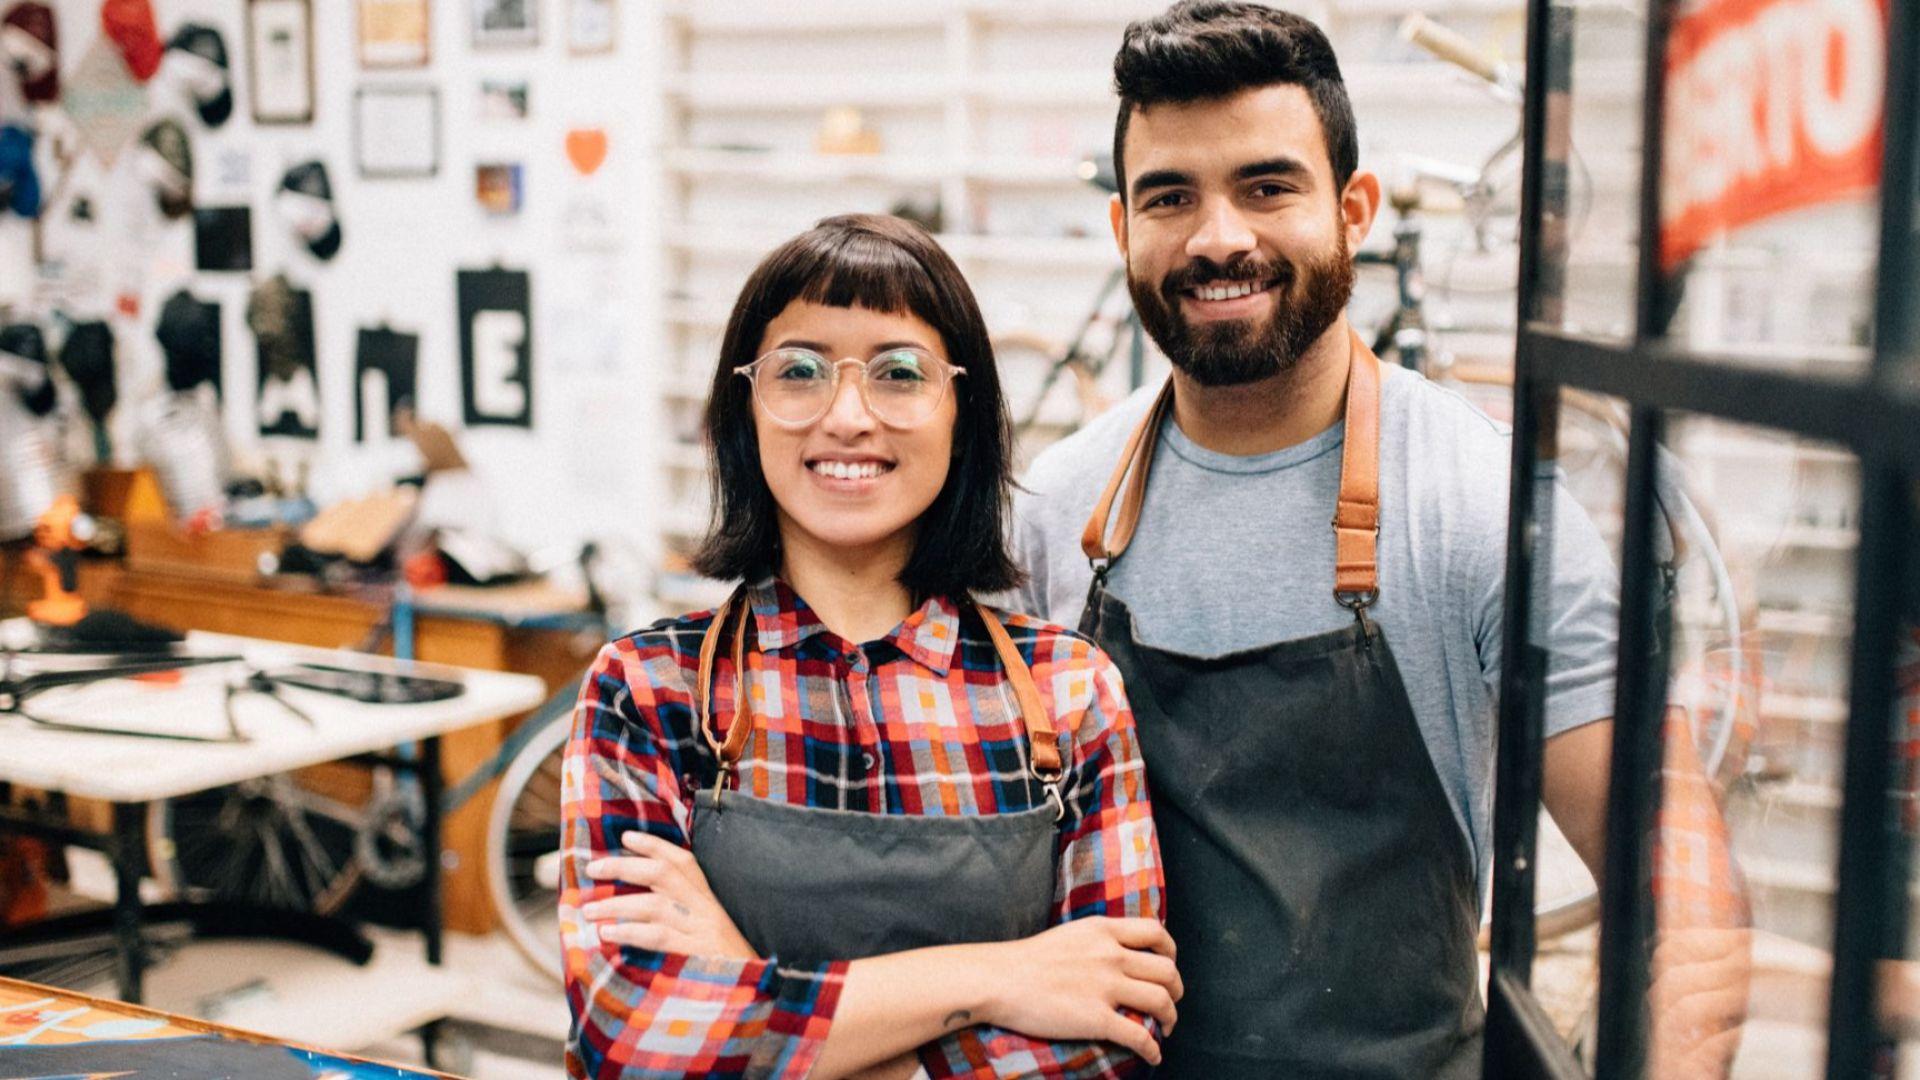 Топ 10 желани сфери за собствен бизнес